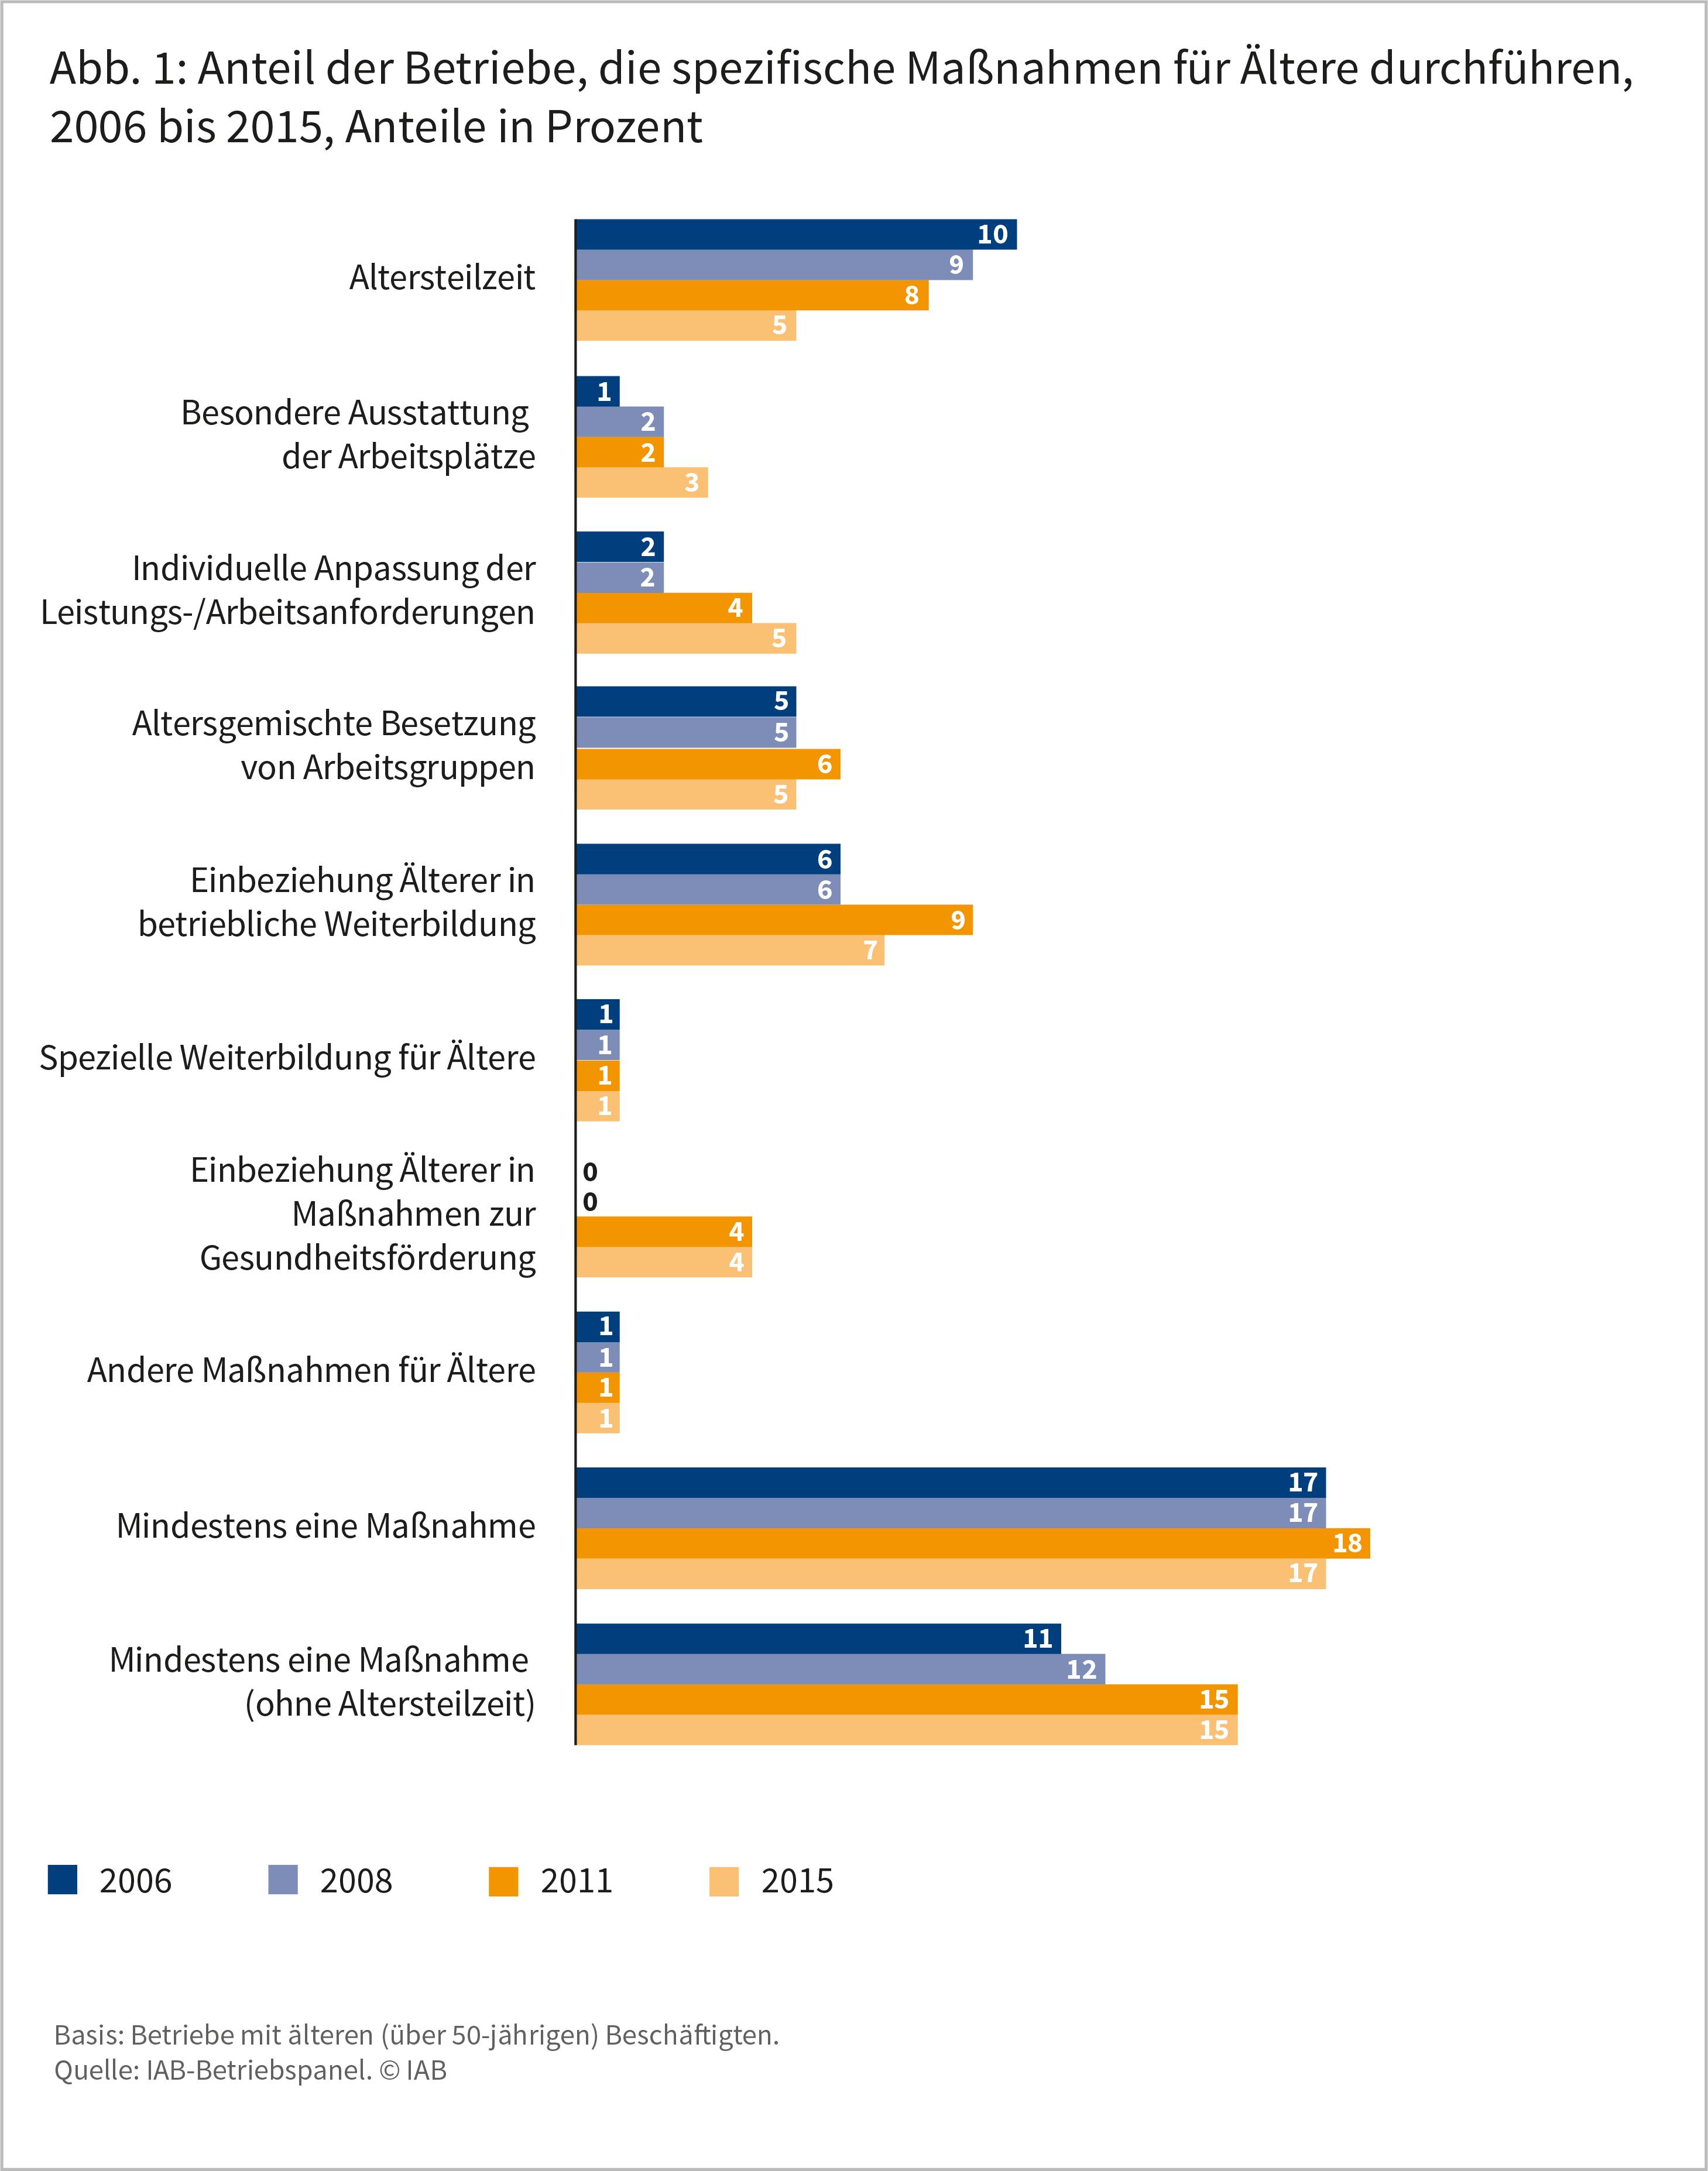 Abbildung 1: Anteil der Betriebe, die spezifische Maßnahmen für Ältere durchführen